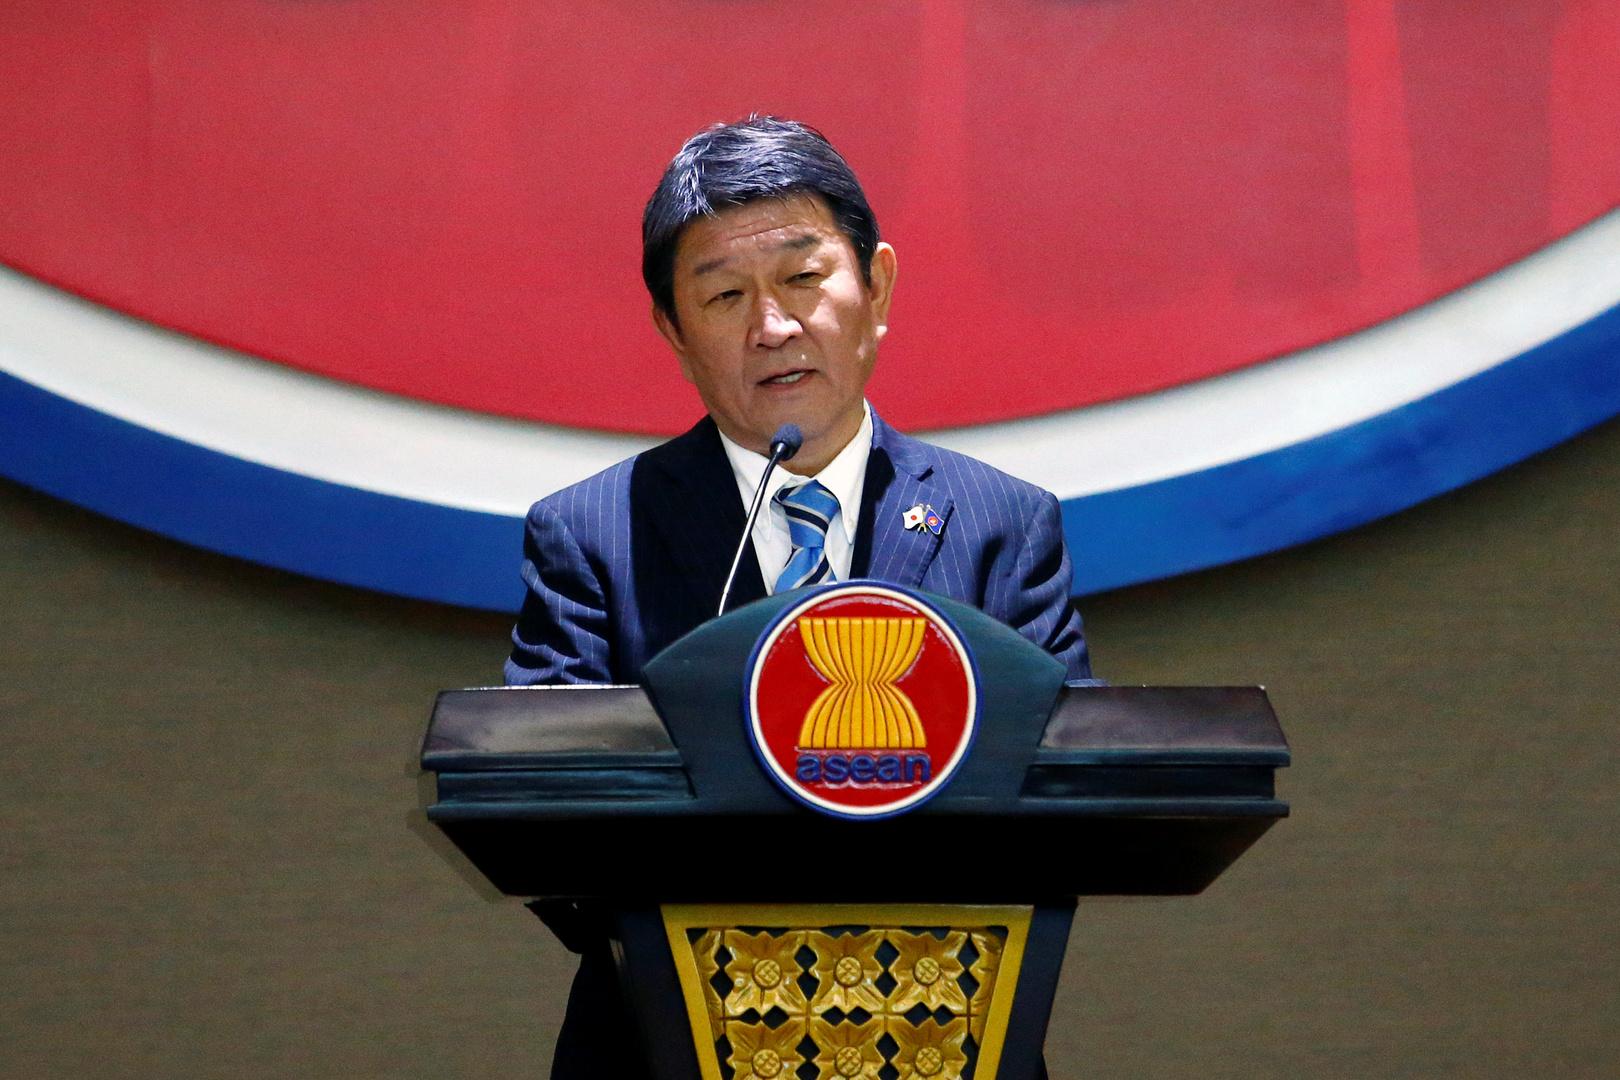 وزير الخارجية الياباني توشيميتسو موتيجي